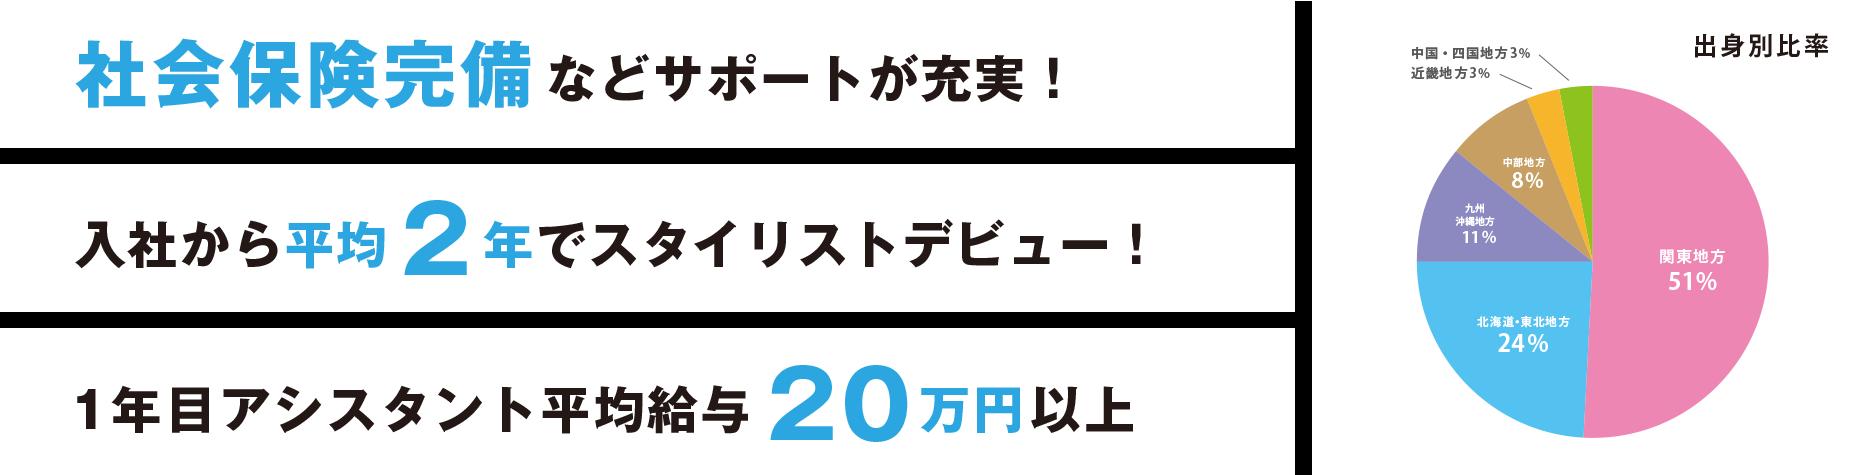 社会保険完備・初月給与20万円